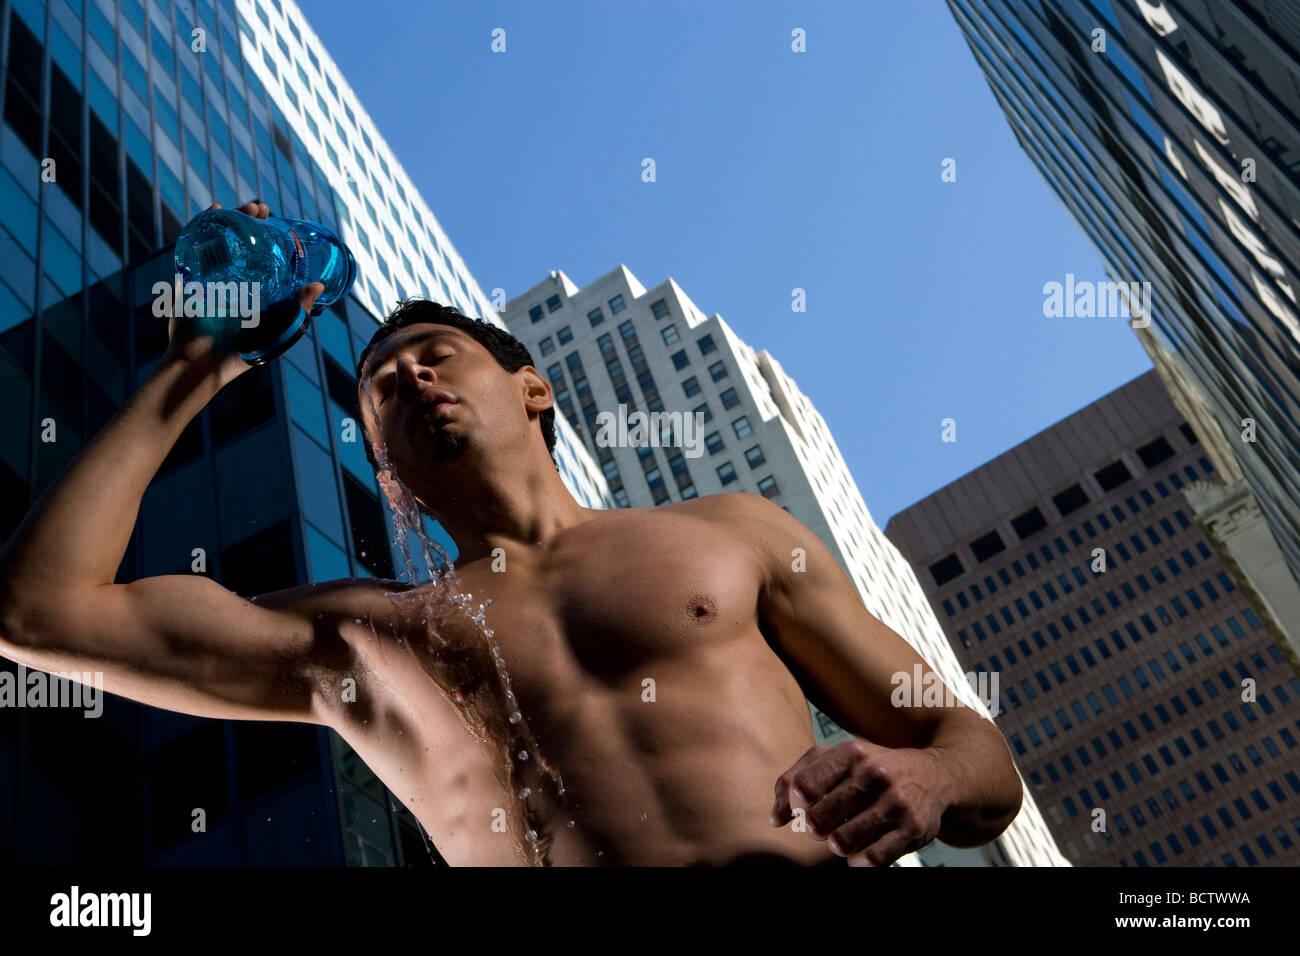 Ángulo de visión baja de un joven de verter agua sobre su cara con rascacielos en el fondo Imagen De Stock